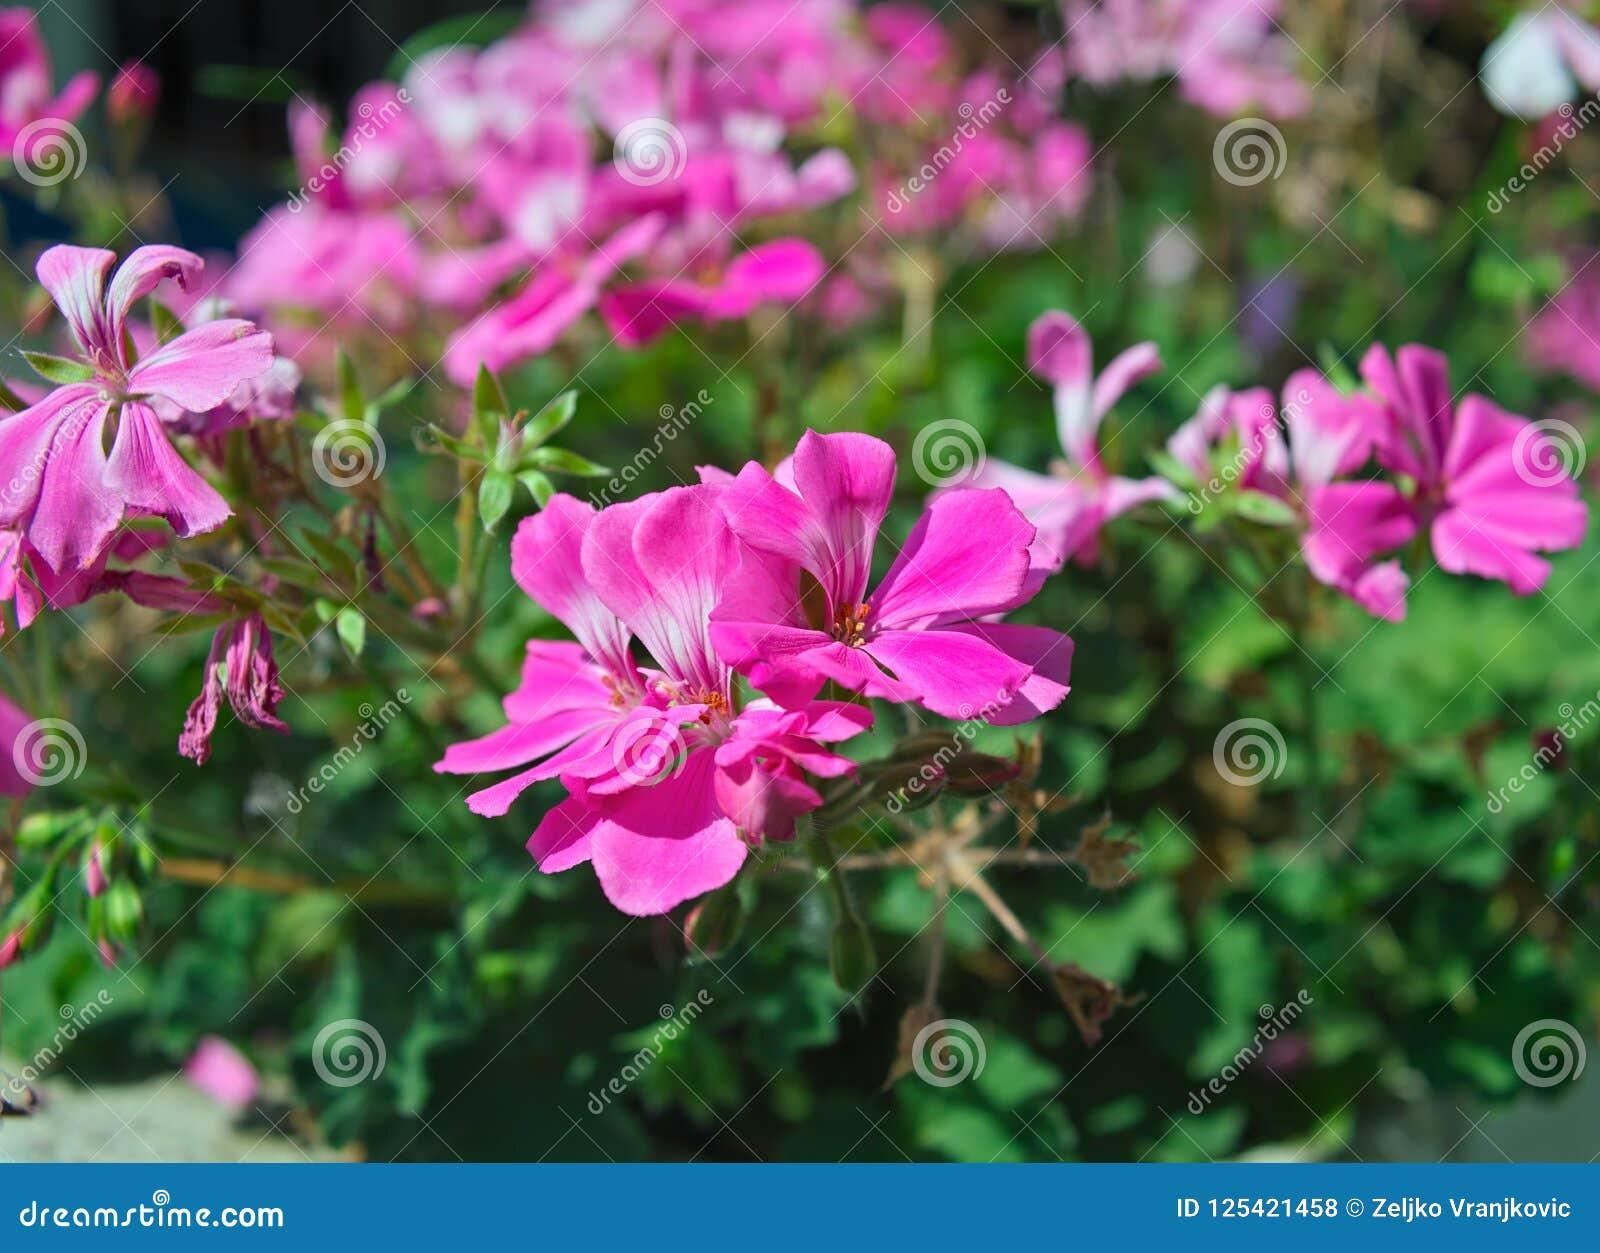 Piante Da Appartamento Con Fiore Rosa.Piccola Pianta Da Appartamento Che Fiorisce Con I Fiori Rosa